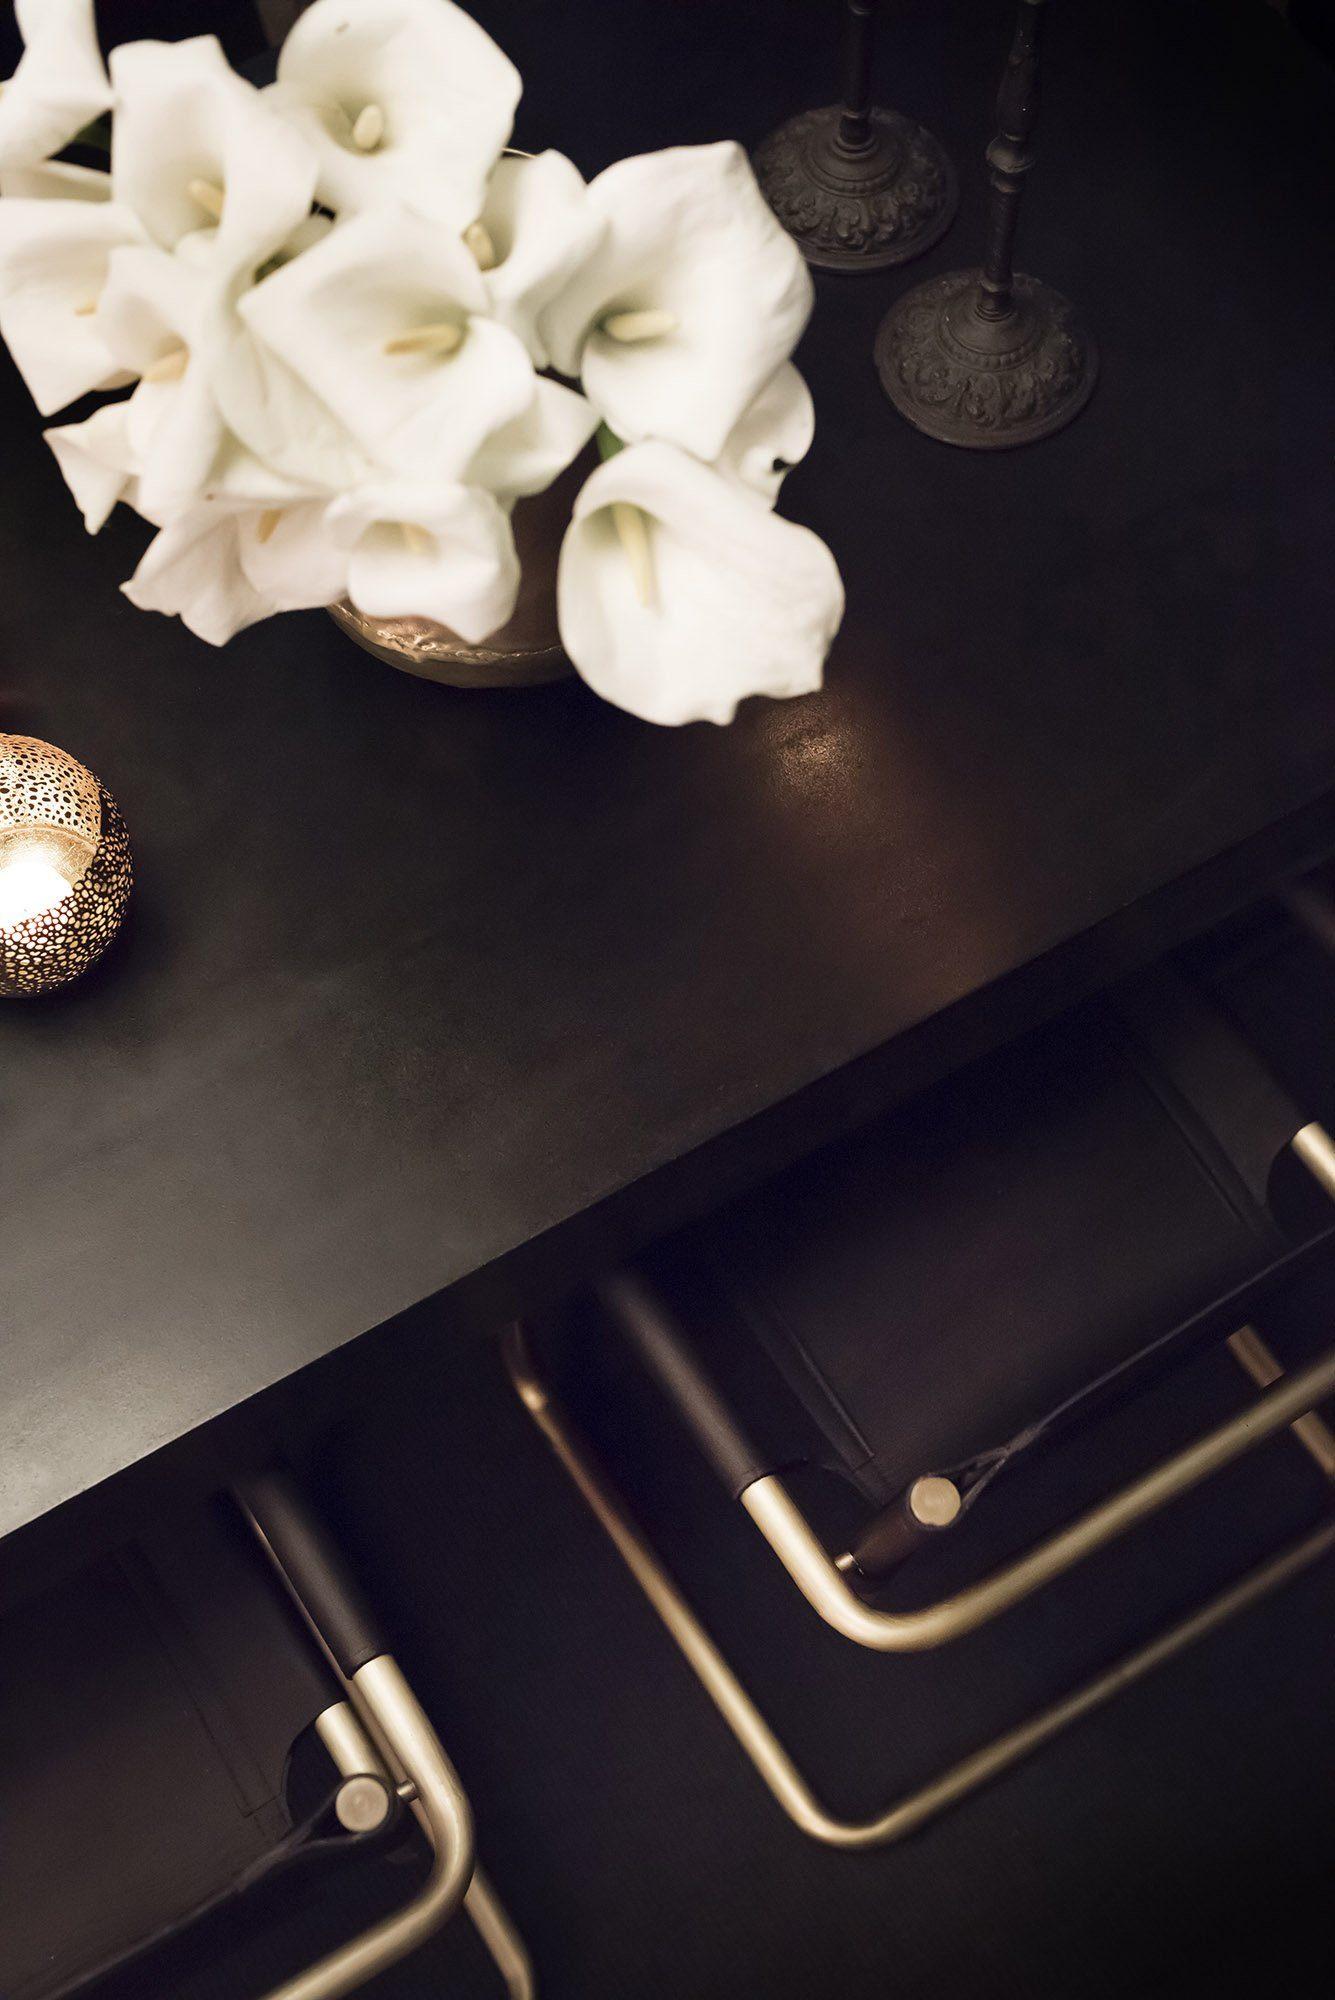 Gianni stolar och Campos matbord i svart.